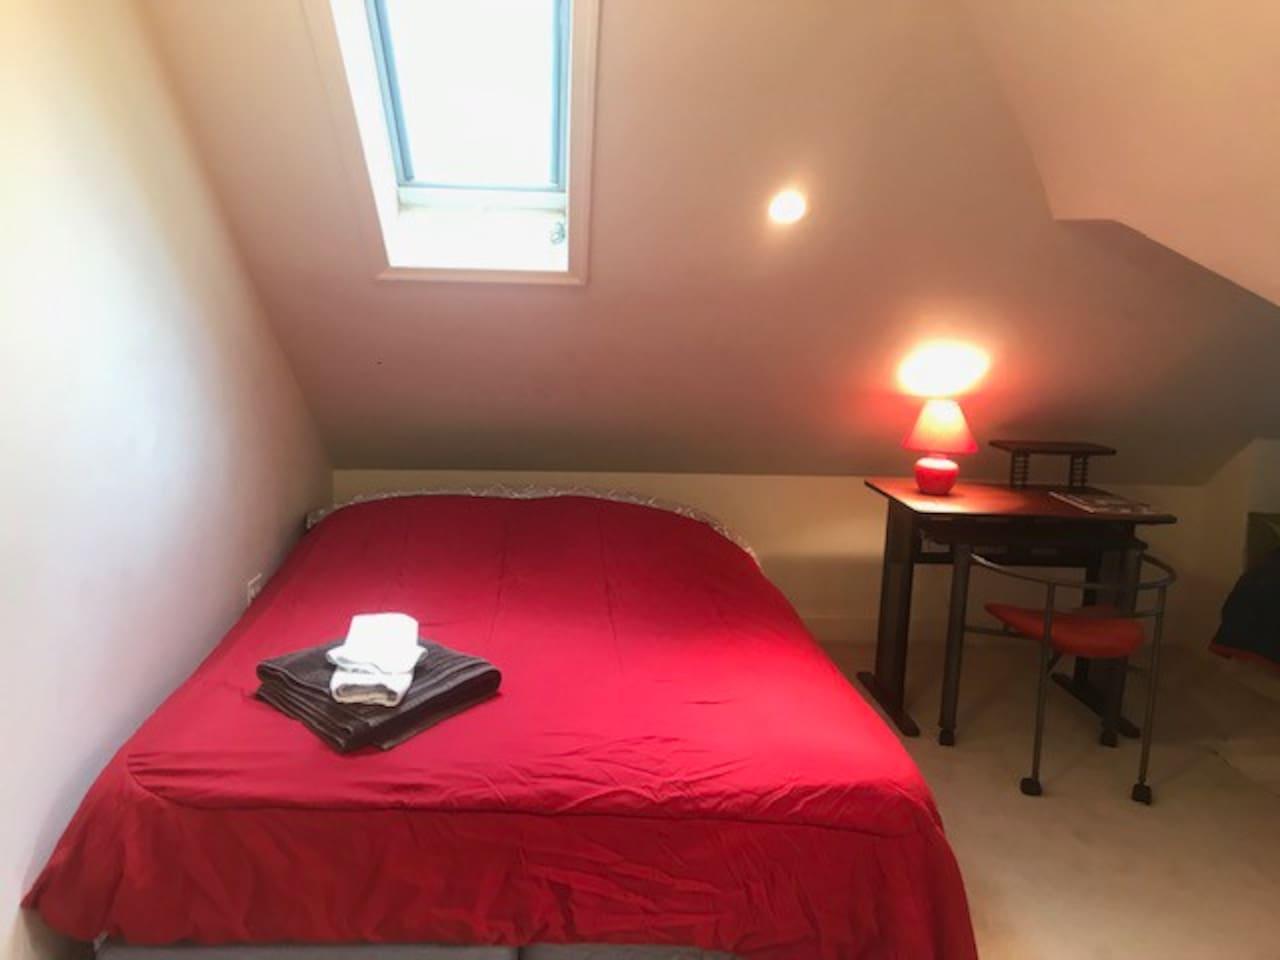 Top floor bedroom with lots of light - A happy bedroom !!!